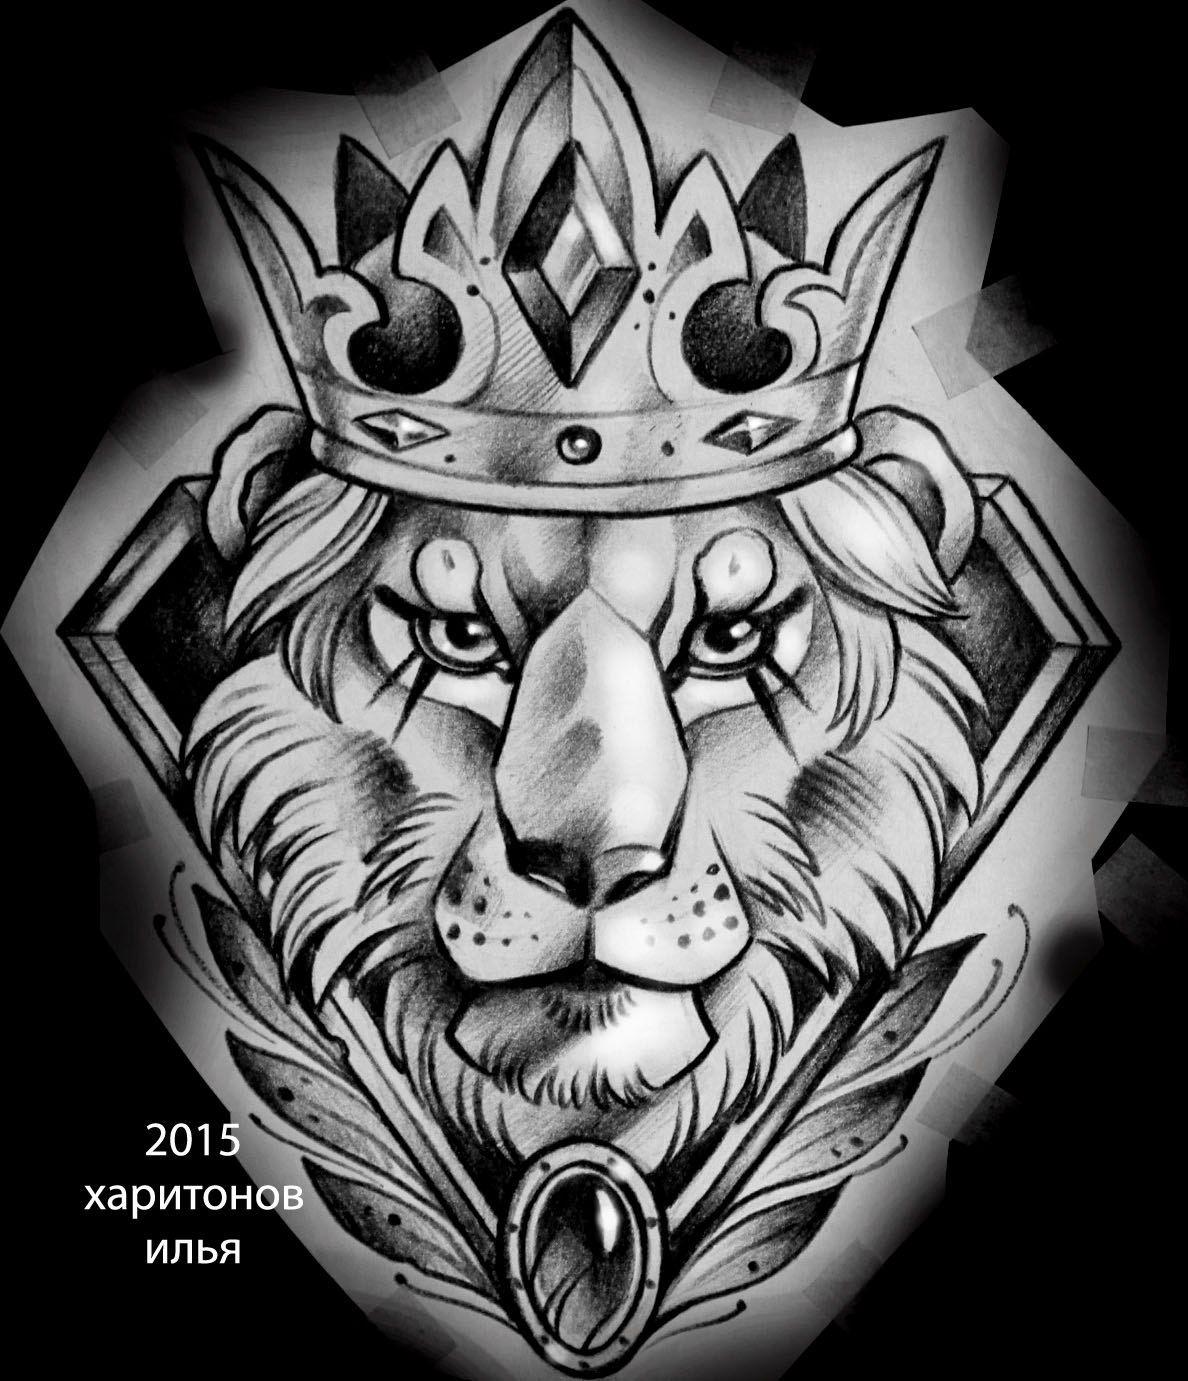 Волк с короной картинка иными словами